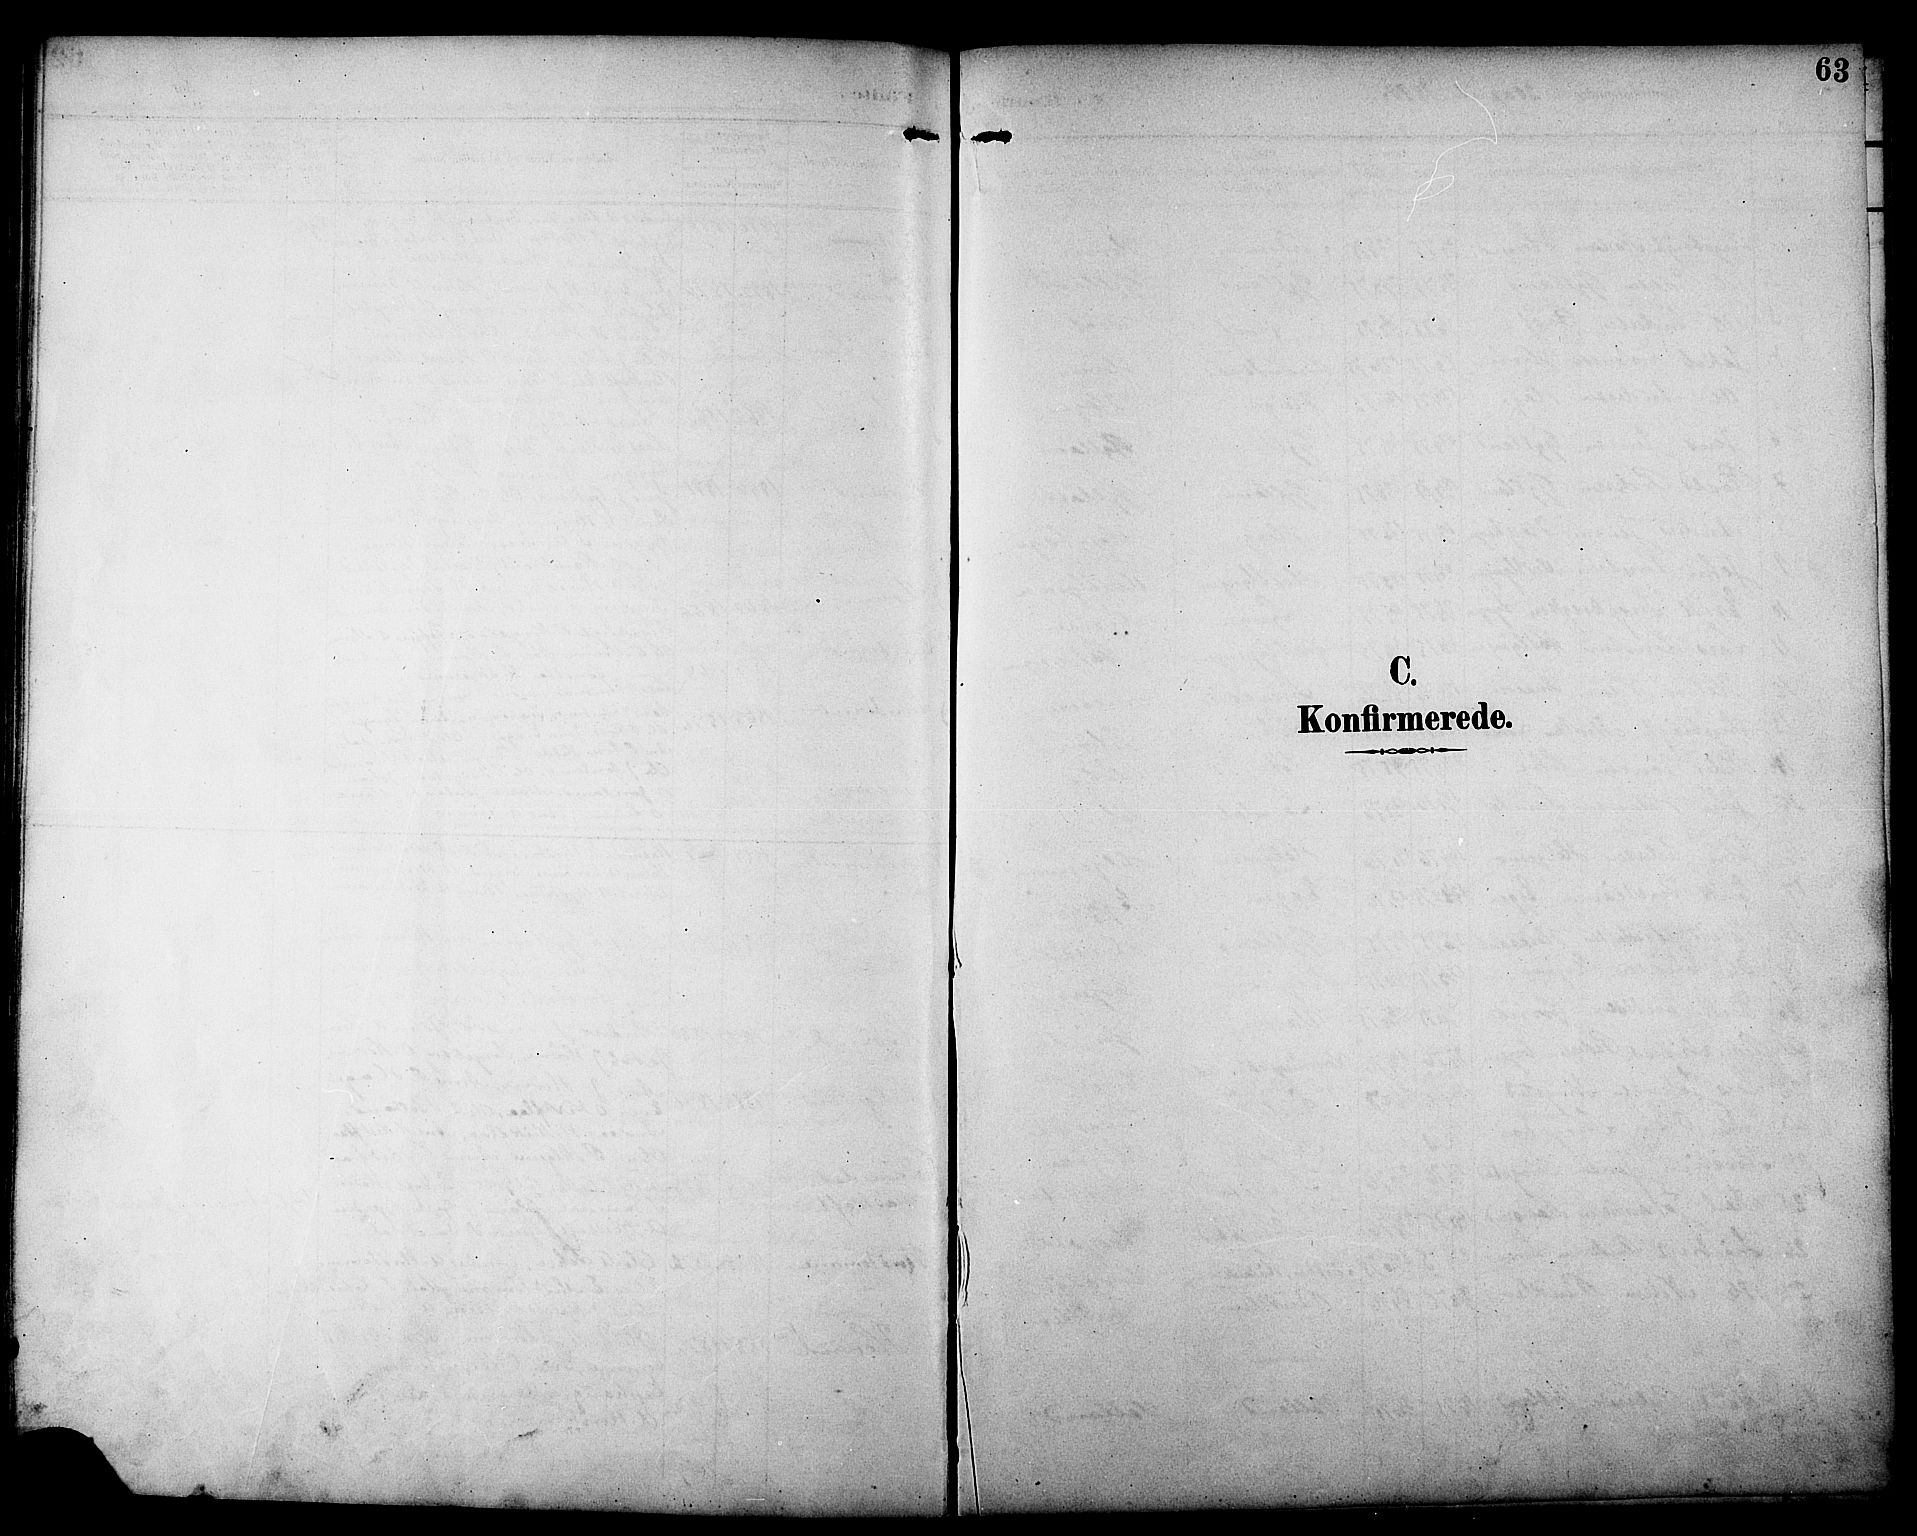 SAT, Ministerialprotokoller, klokkerbøker og fødselsregistre - Sør-Trøndelag, 692/L1111: Klokkerbok nr. 692C06, 1890-1904, s. 63